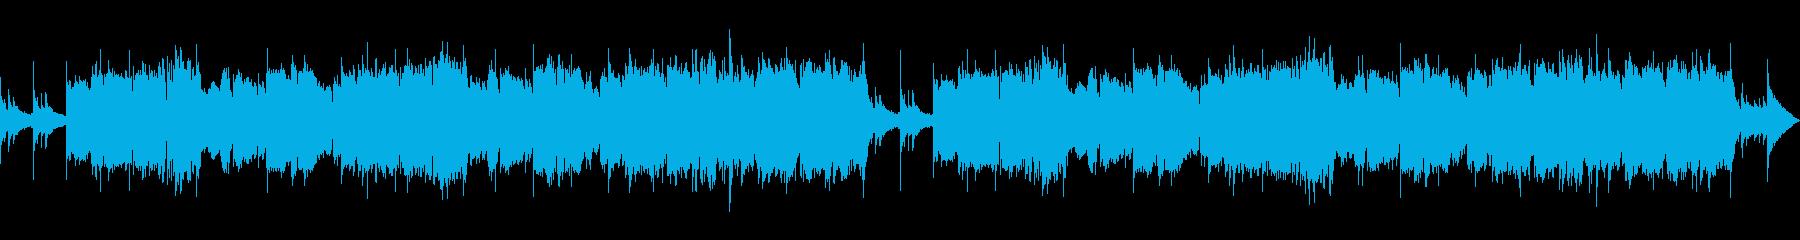 穏やかなメロディで奏でるBGMの再生済みの波形